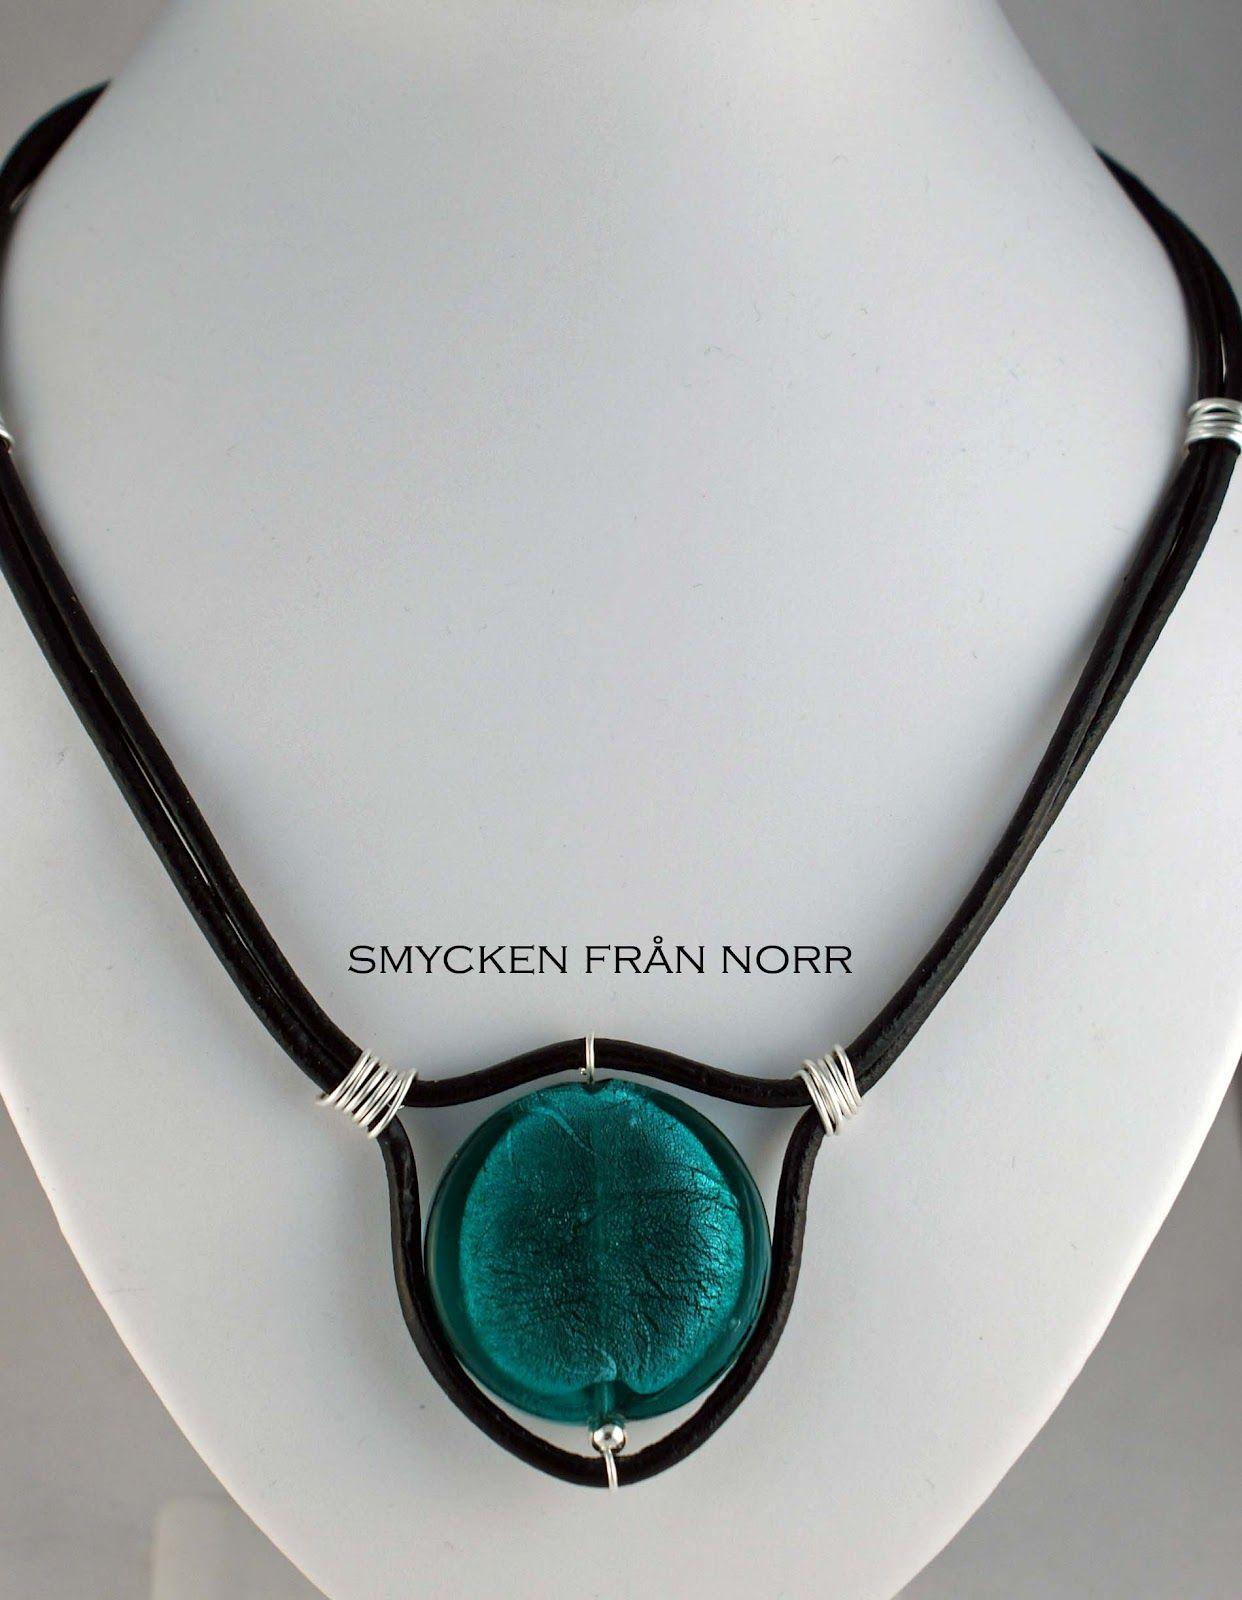 Smycken från norr: Läder